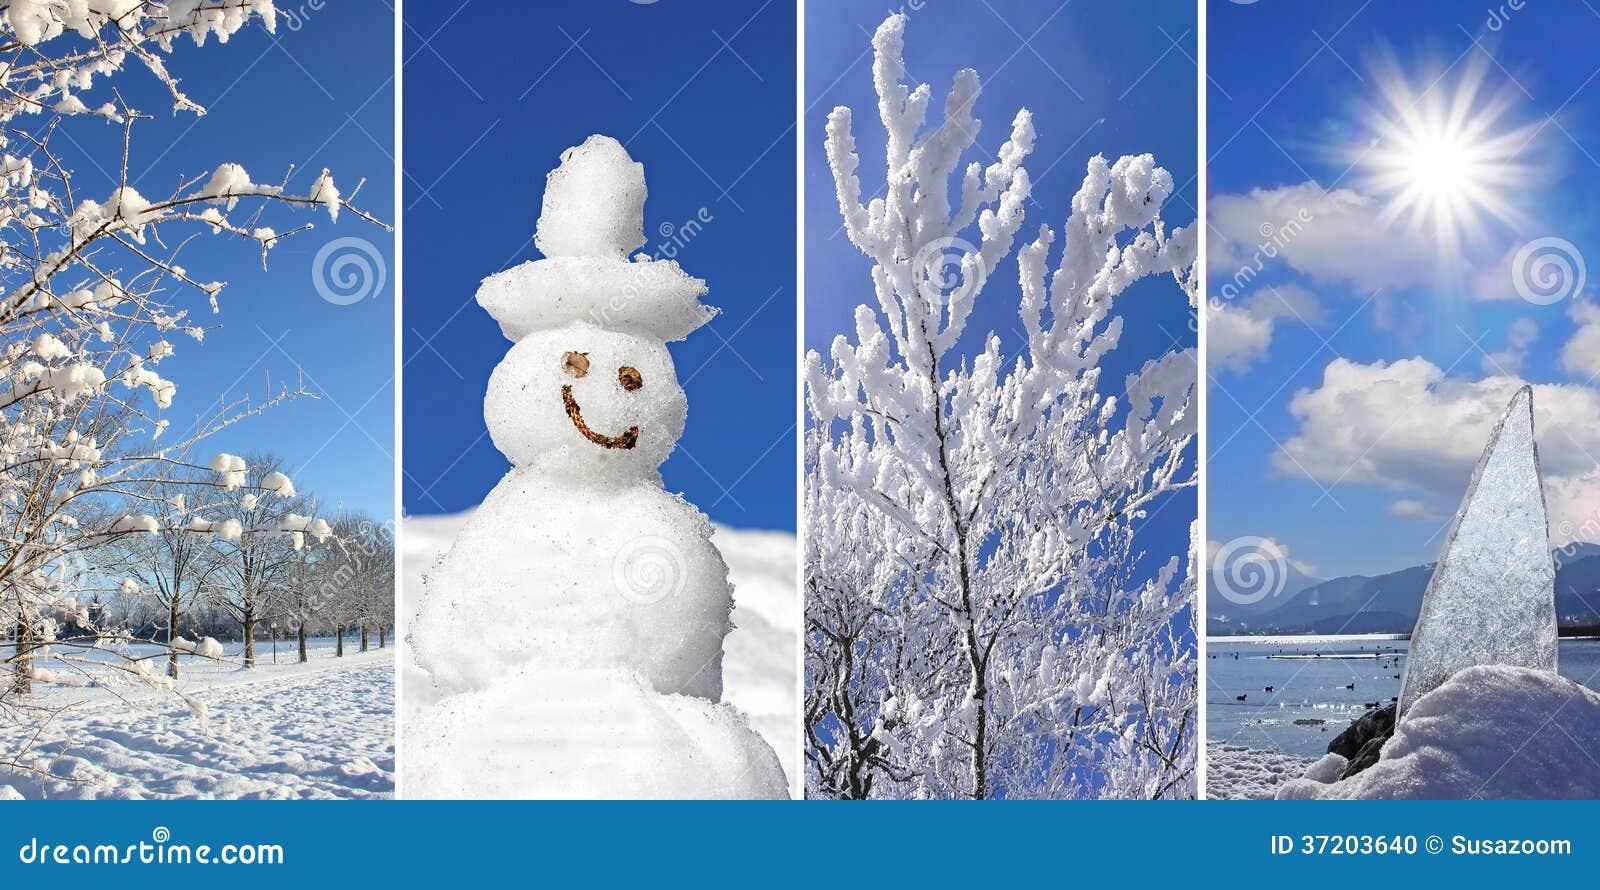 Collage winterzeit winterliche landschaft schneemann schnee bedeckte br stockfoto bild - Winterliche bilder kostenlos ...